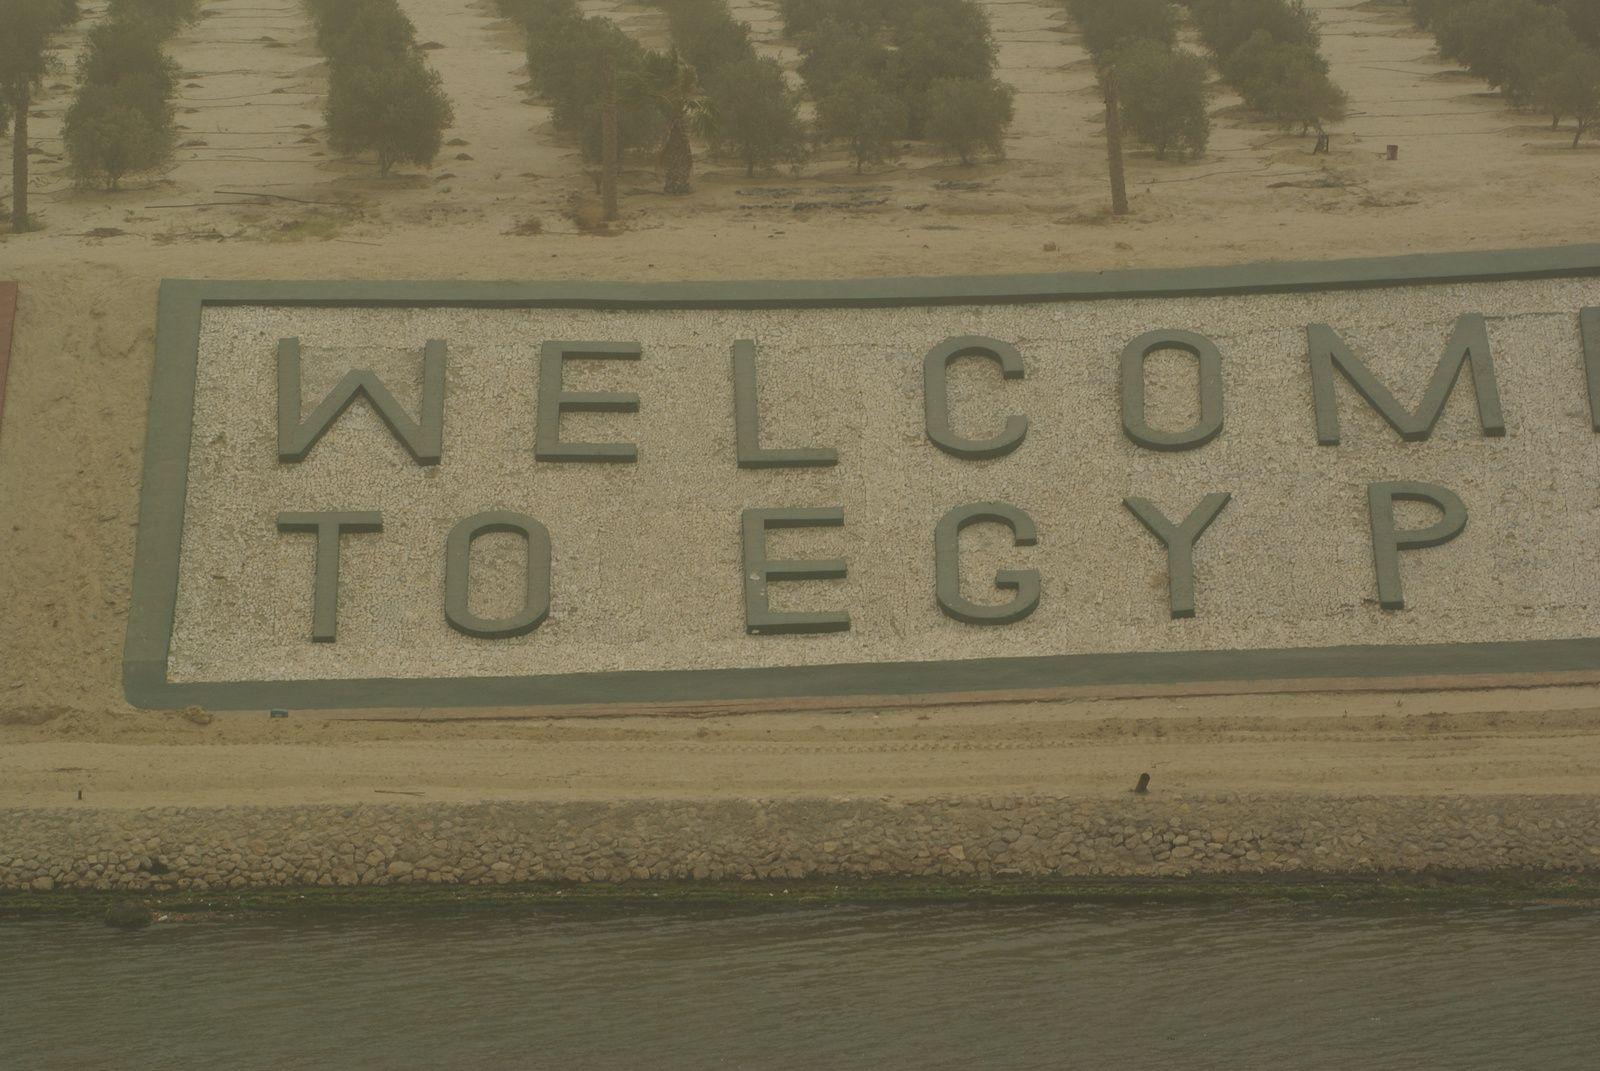 Le Canal de Suez en double voie , Août 2015.